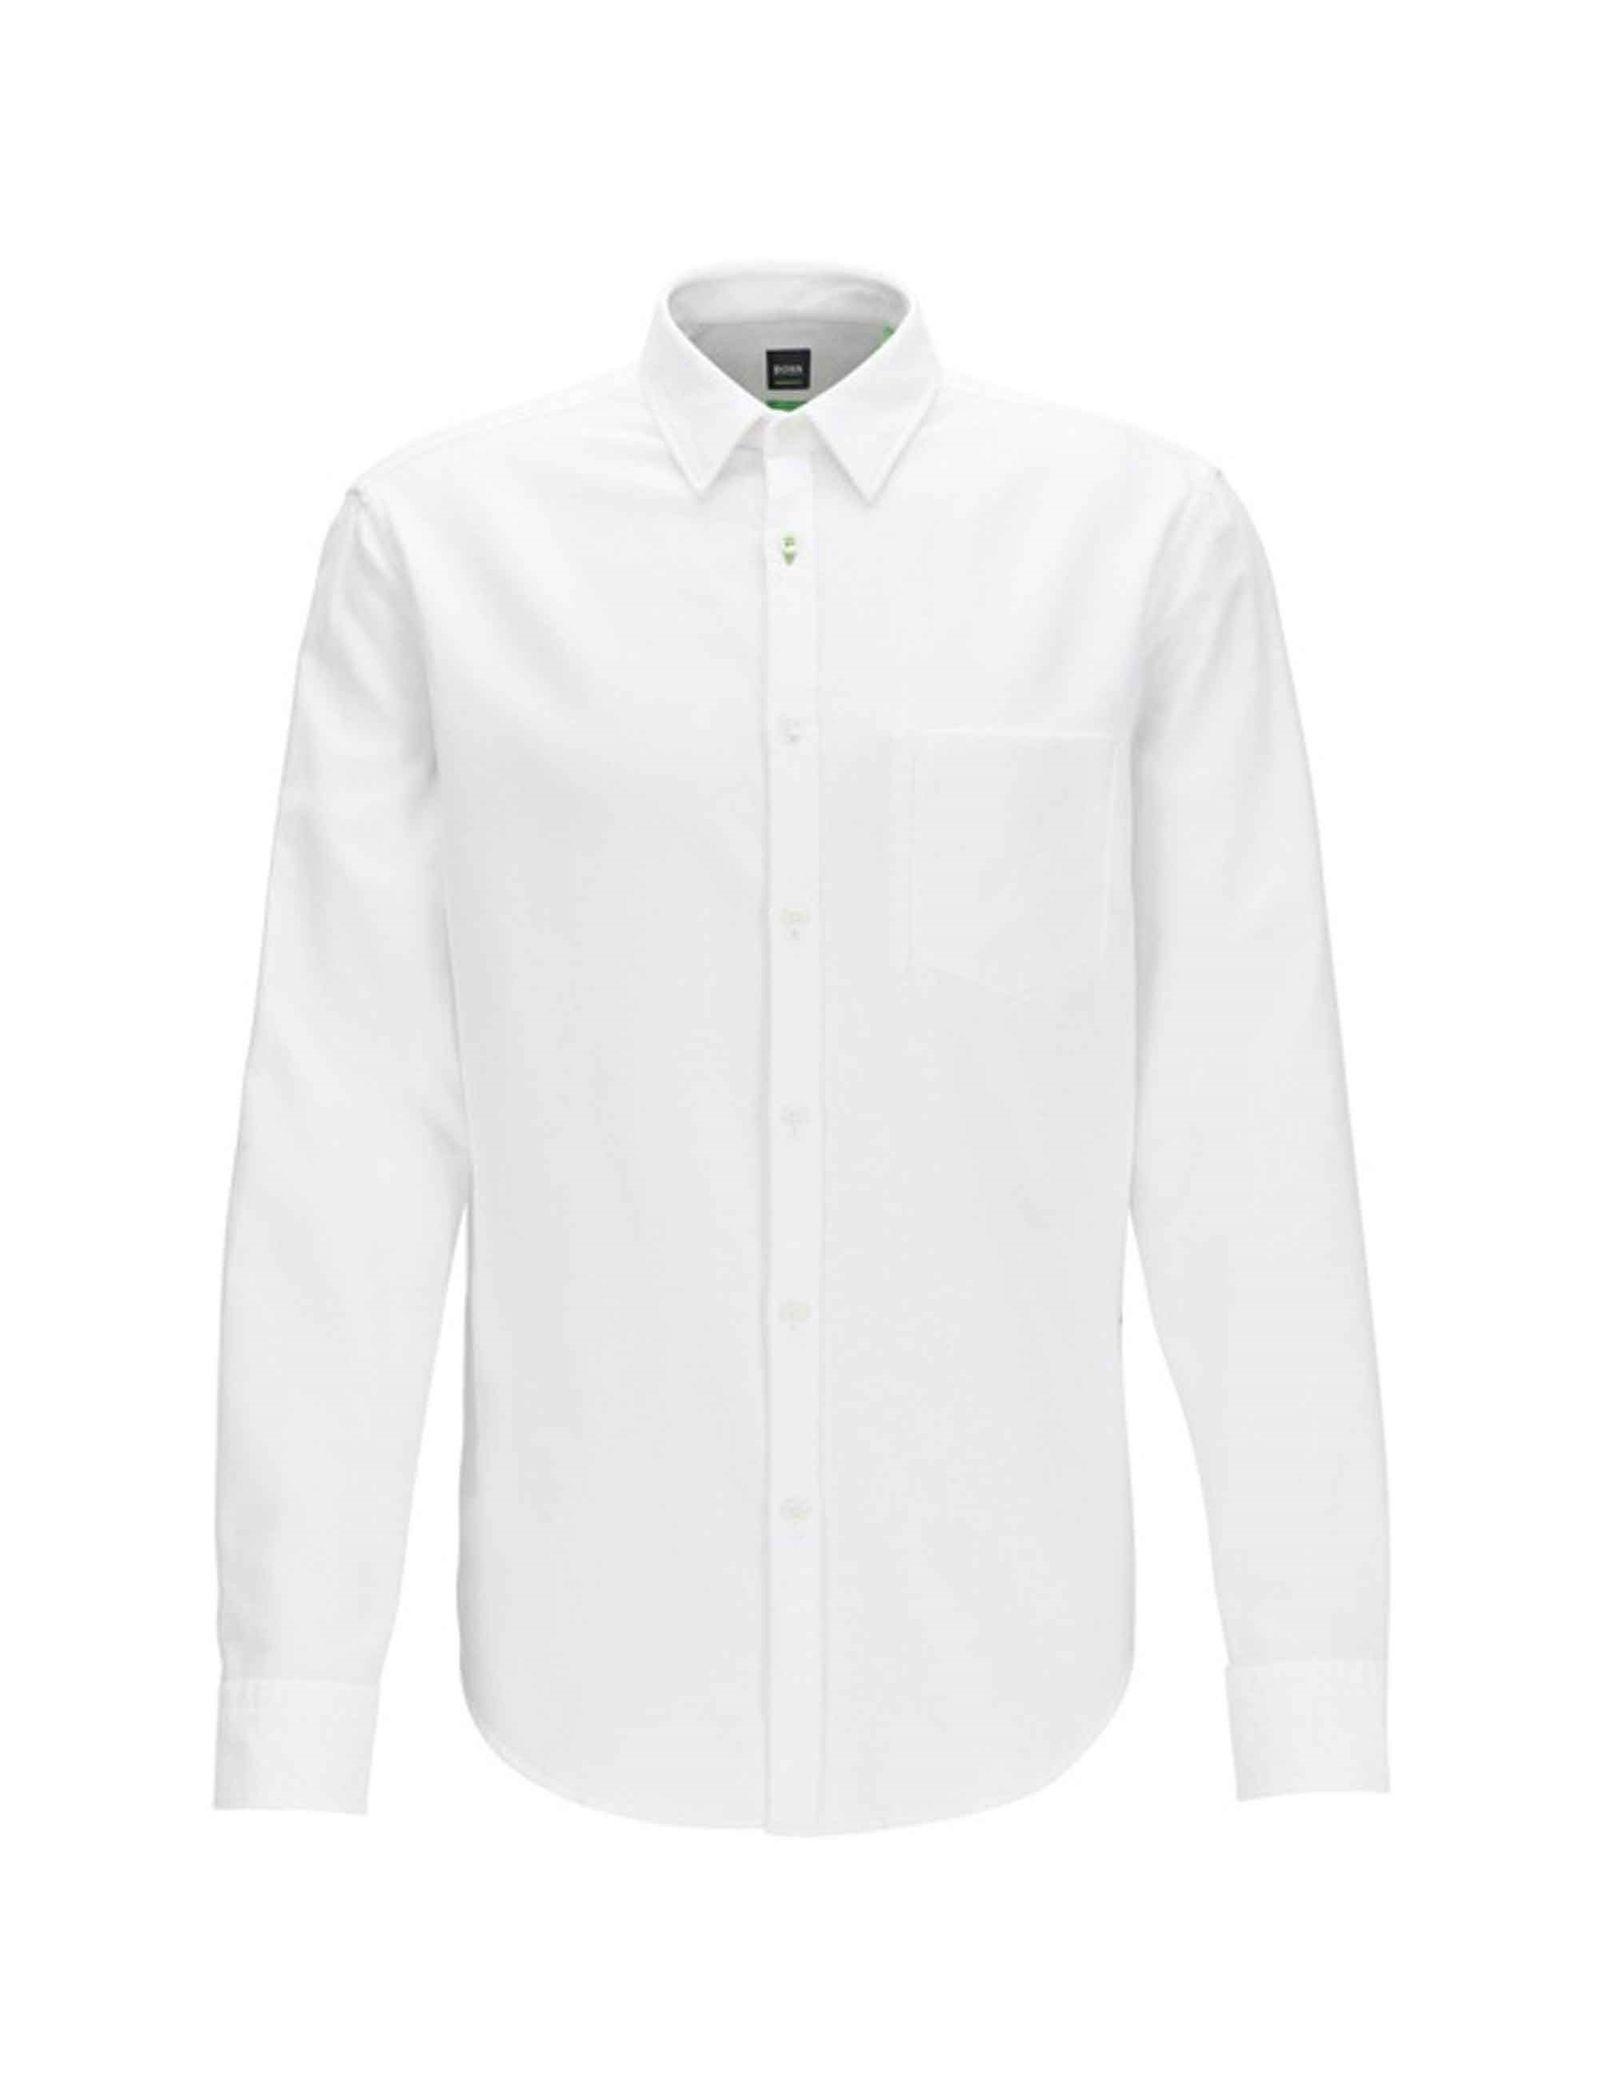 پیراهن نخی آستین بلند مردانه BISEV_R - باس - سفيد - 1